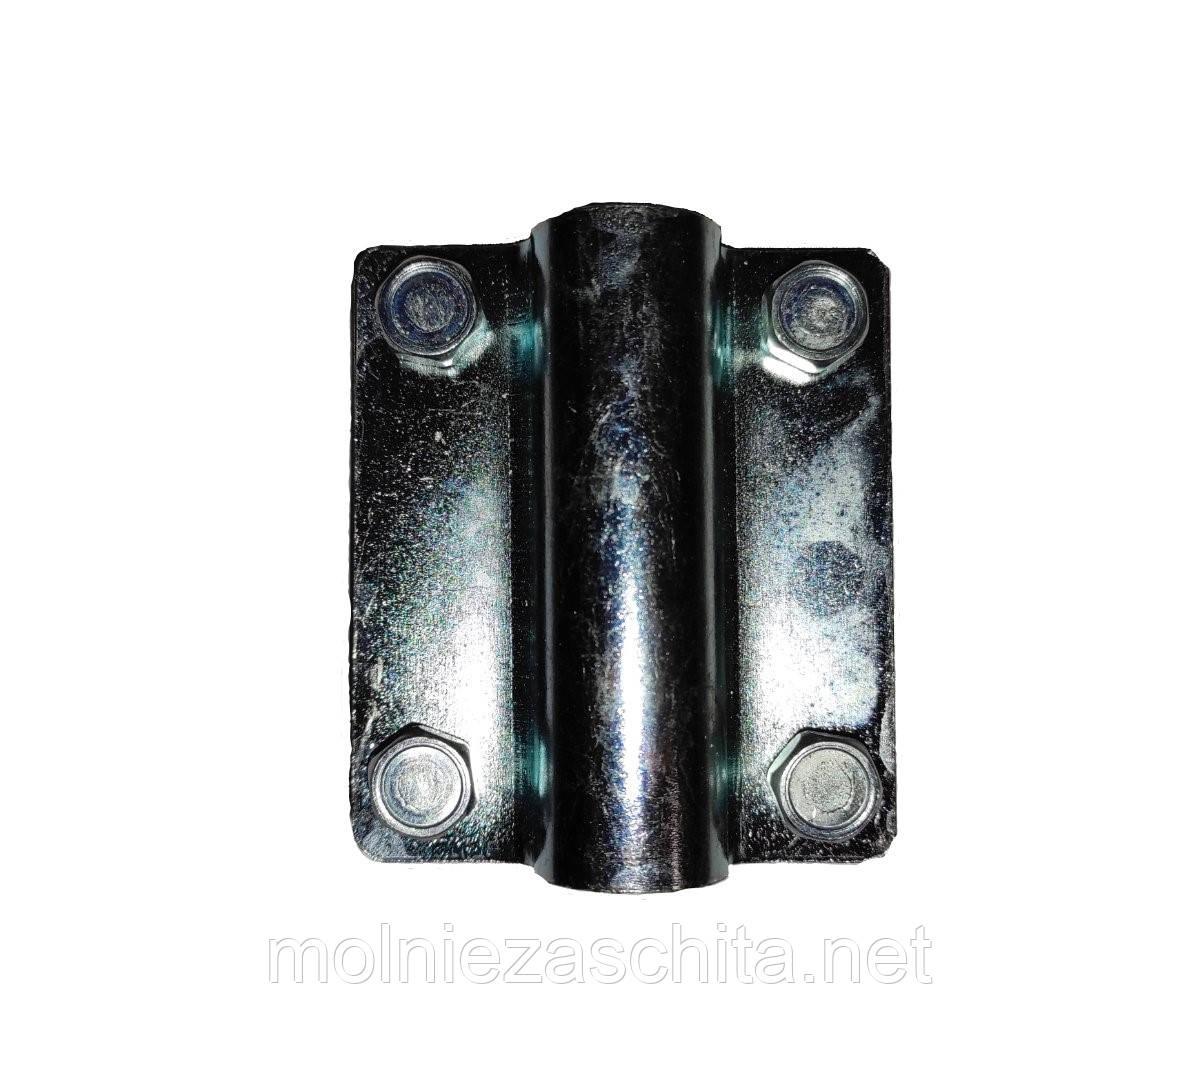 Соединитель штыря заземления Ф16 и полосы/катанки оцинкованной